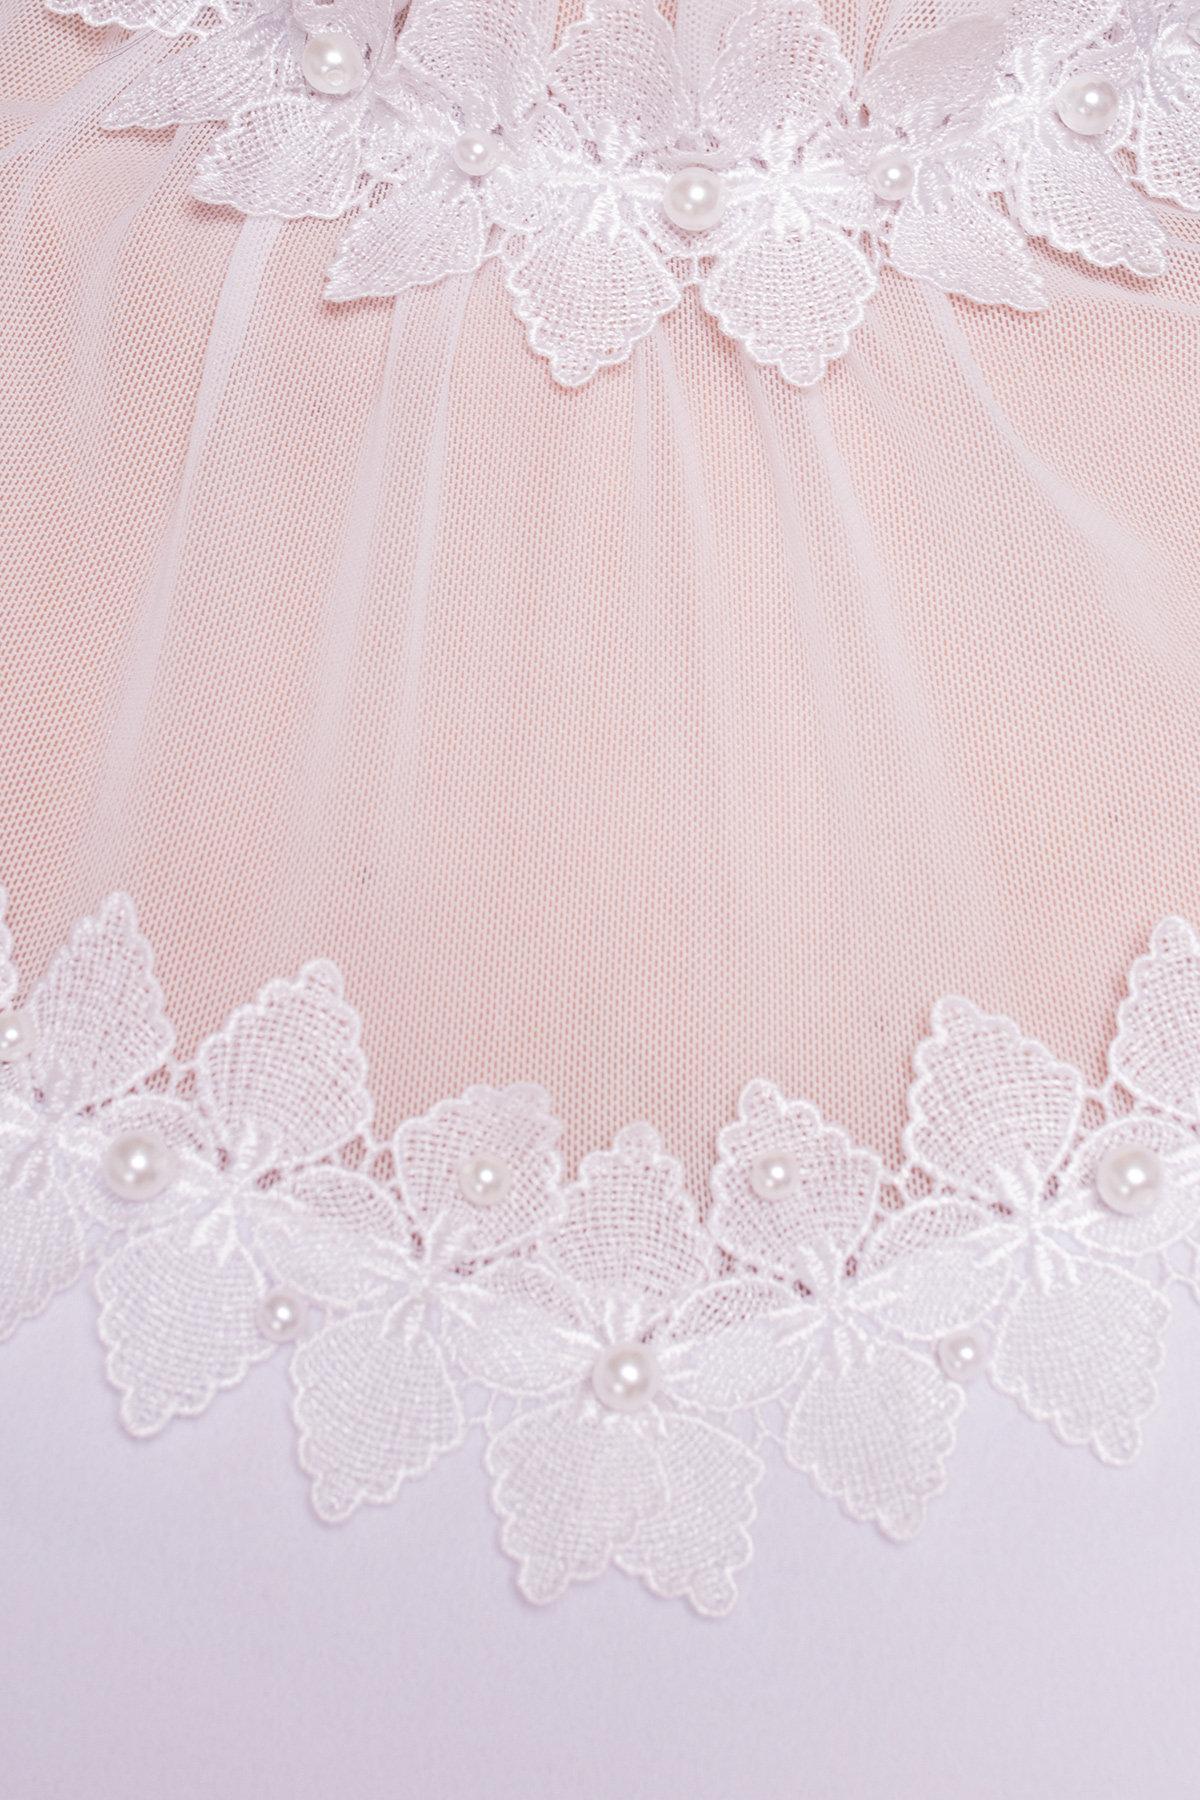 Блуза свободного кроя с воротником - жабо Буше 5189 Цвет: Белый